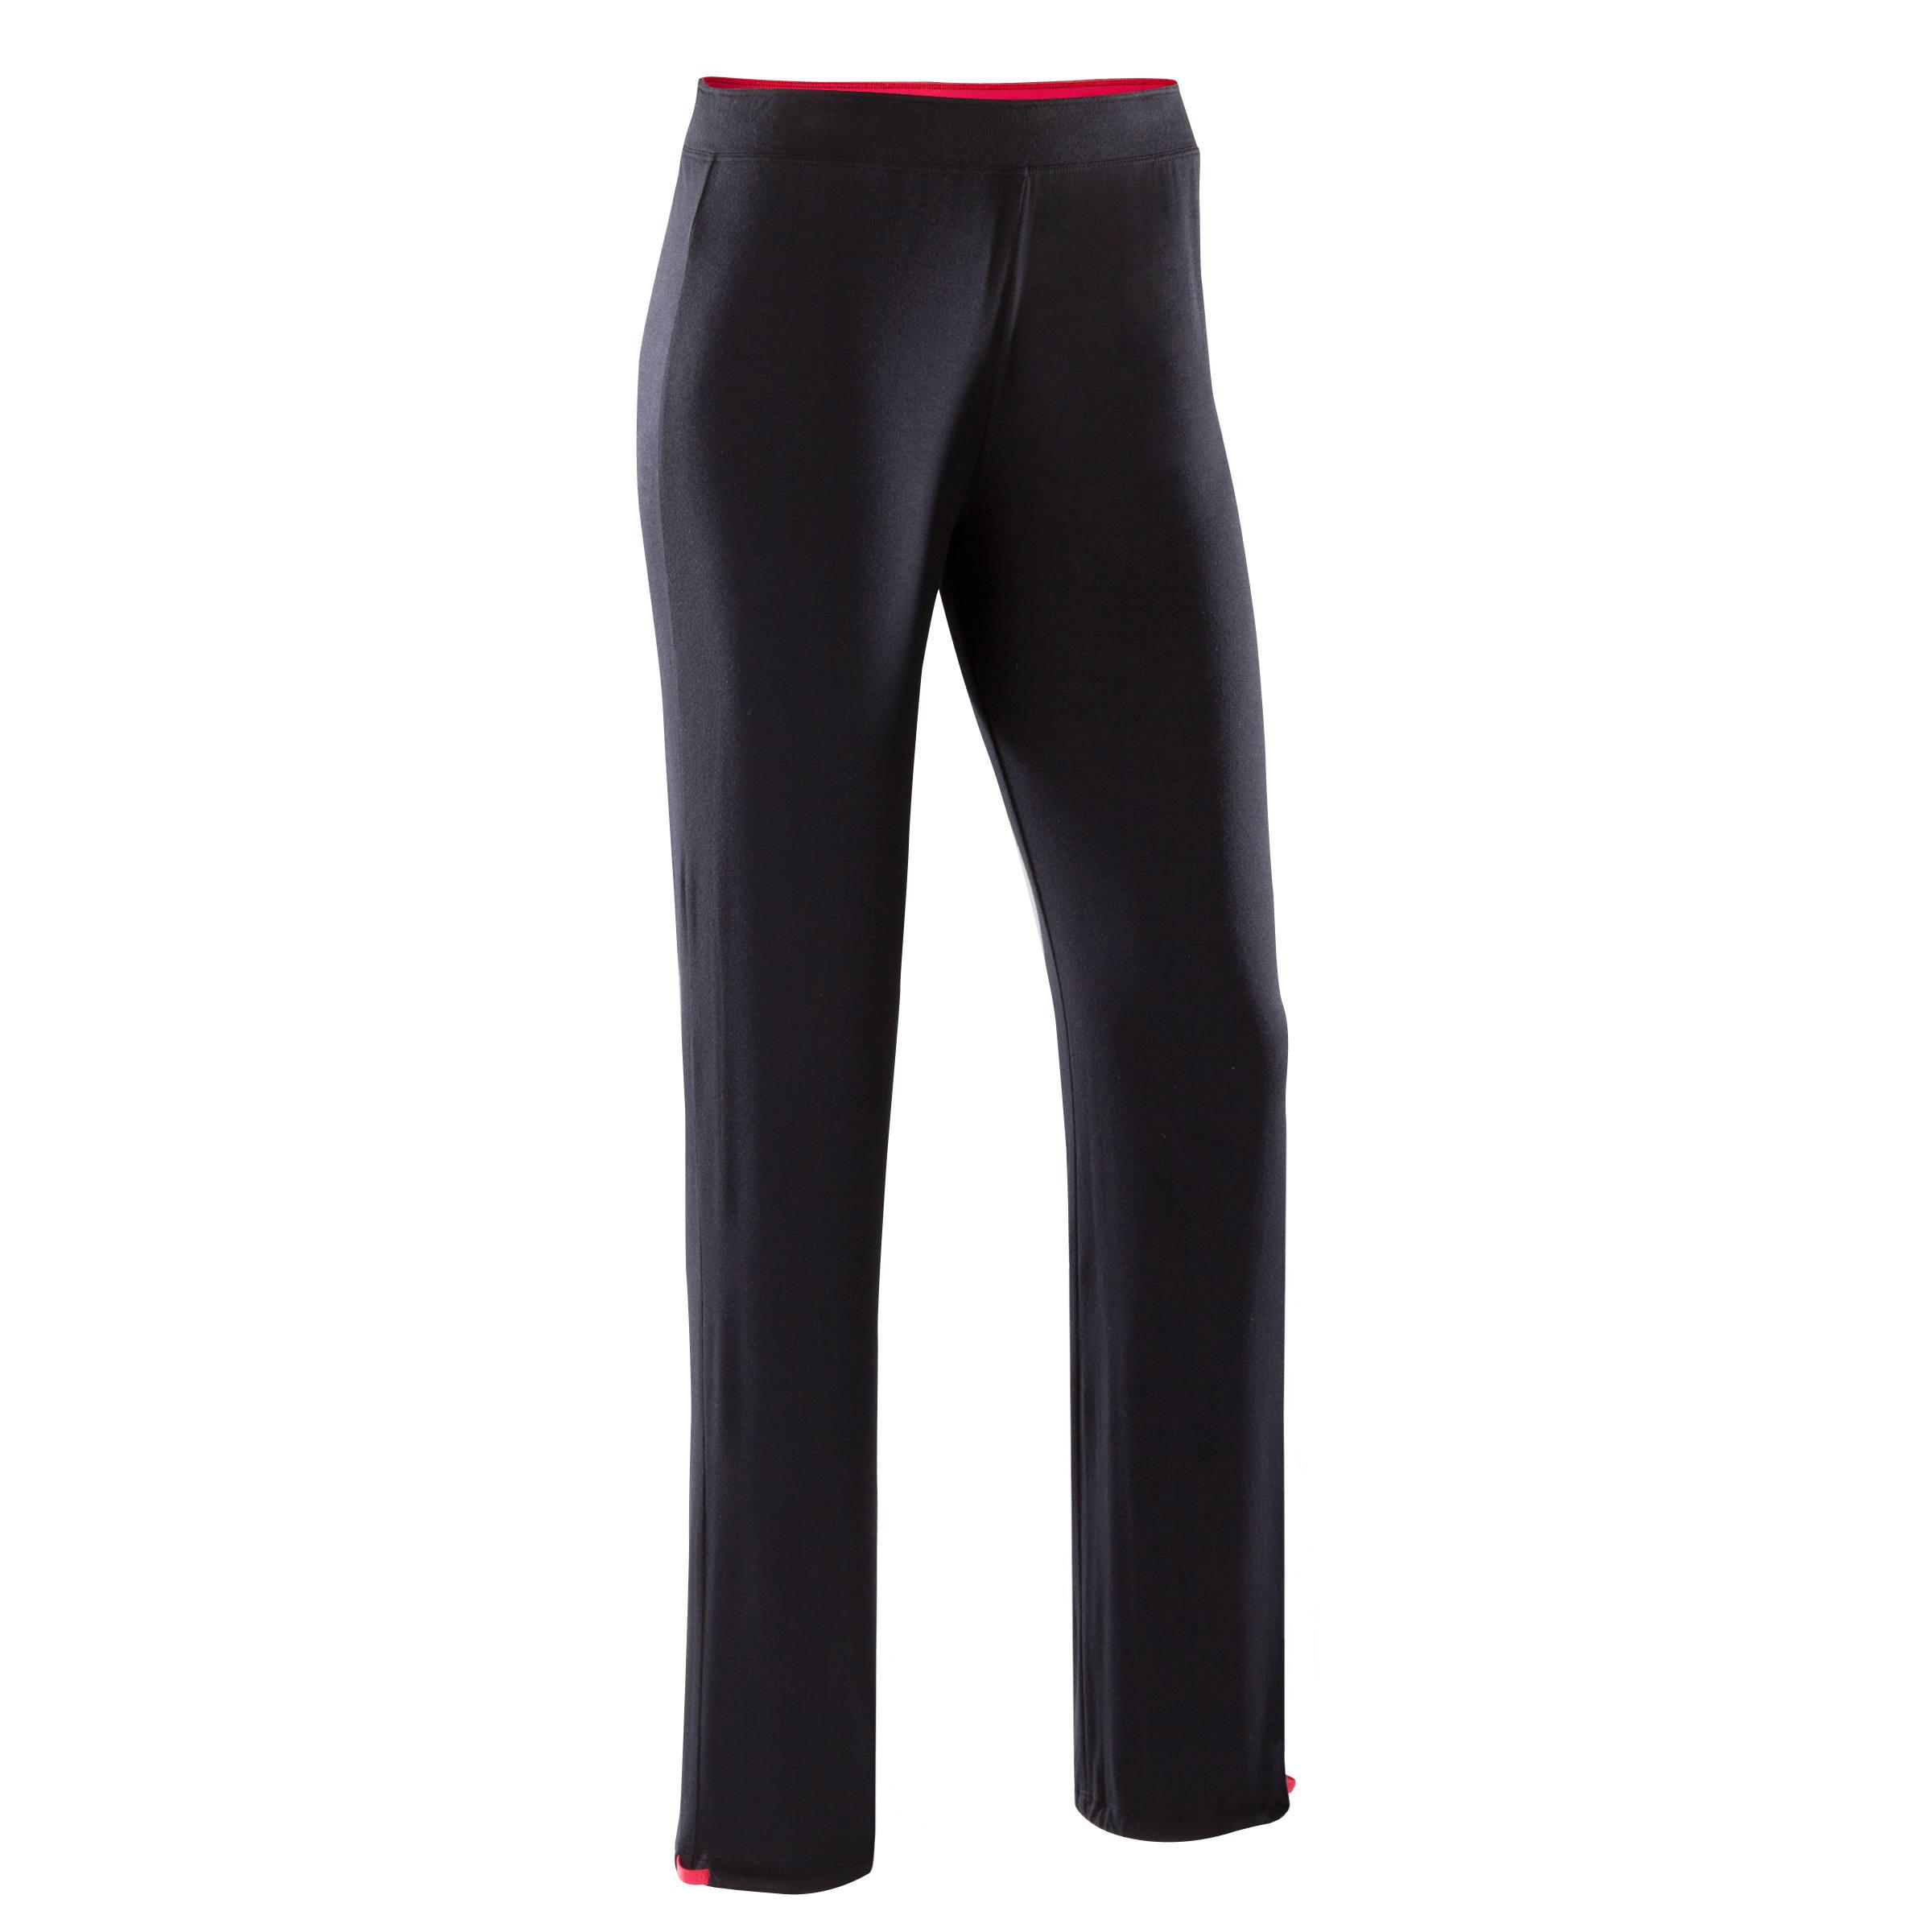 Pantalón ajustable negro para mujer